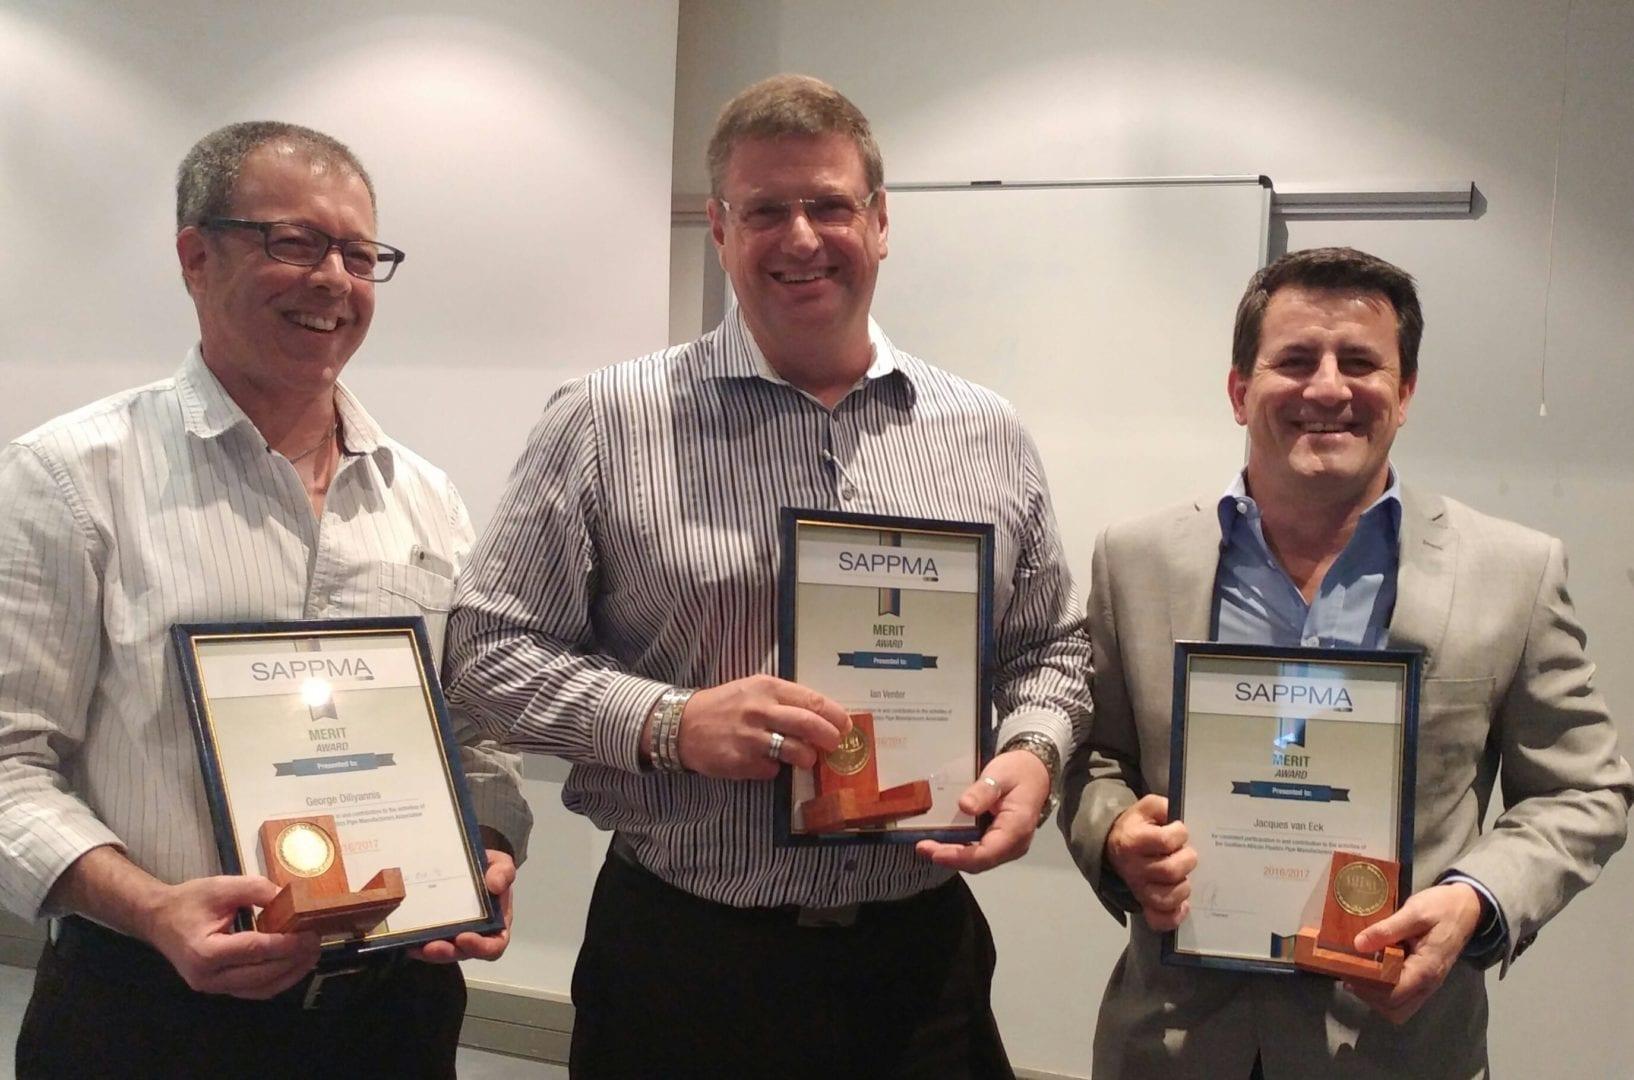 SAPPMA merit award winners 2017